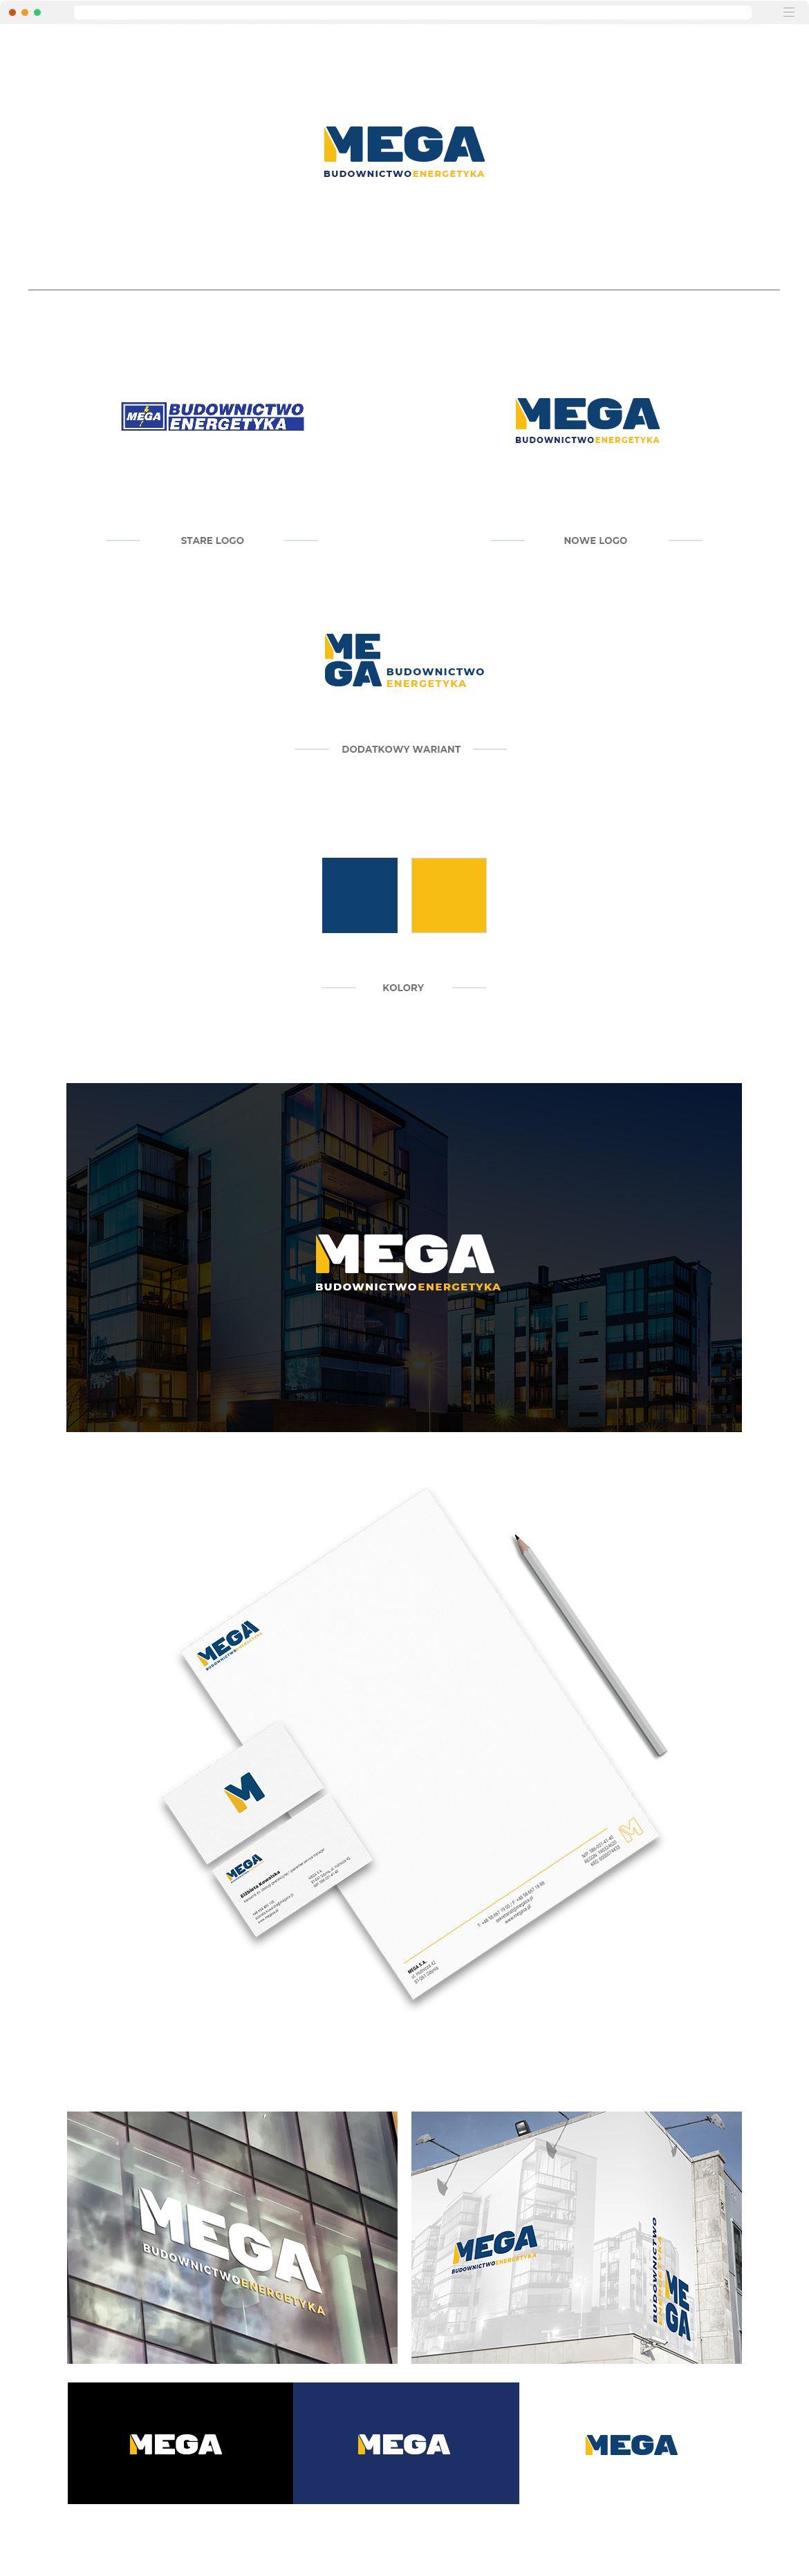 mega-branding